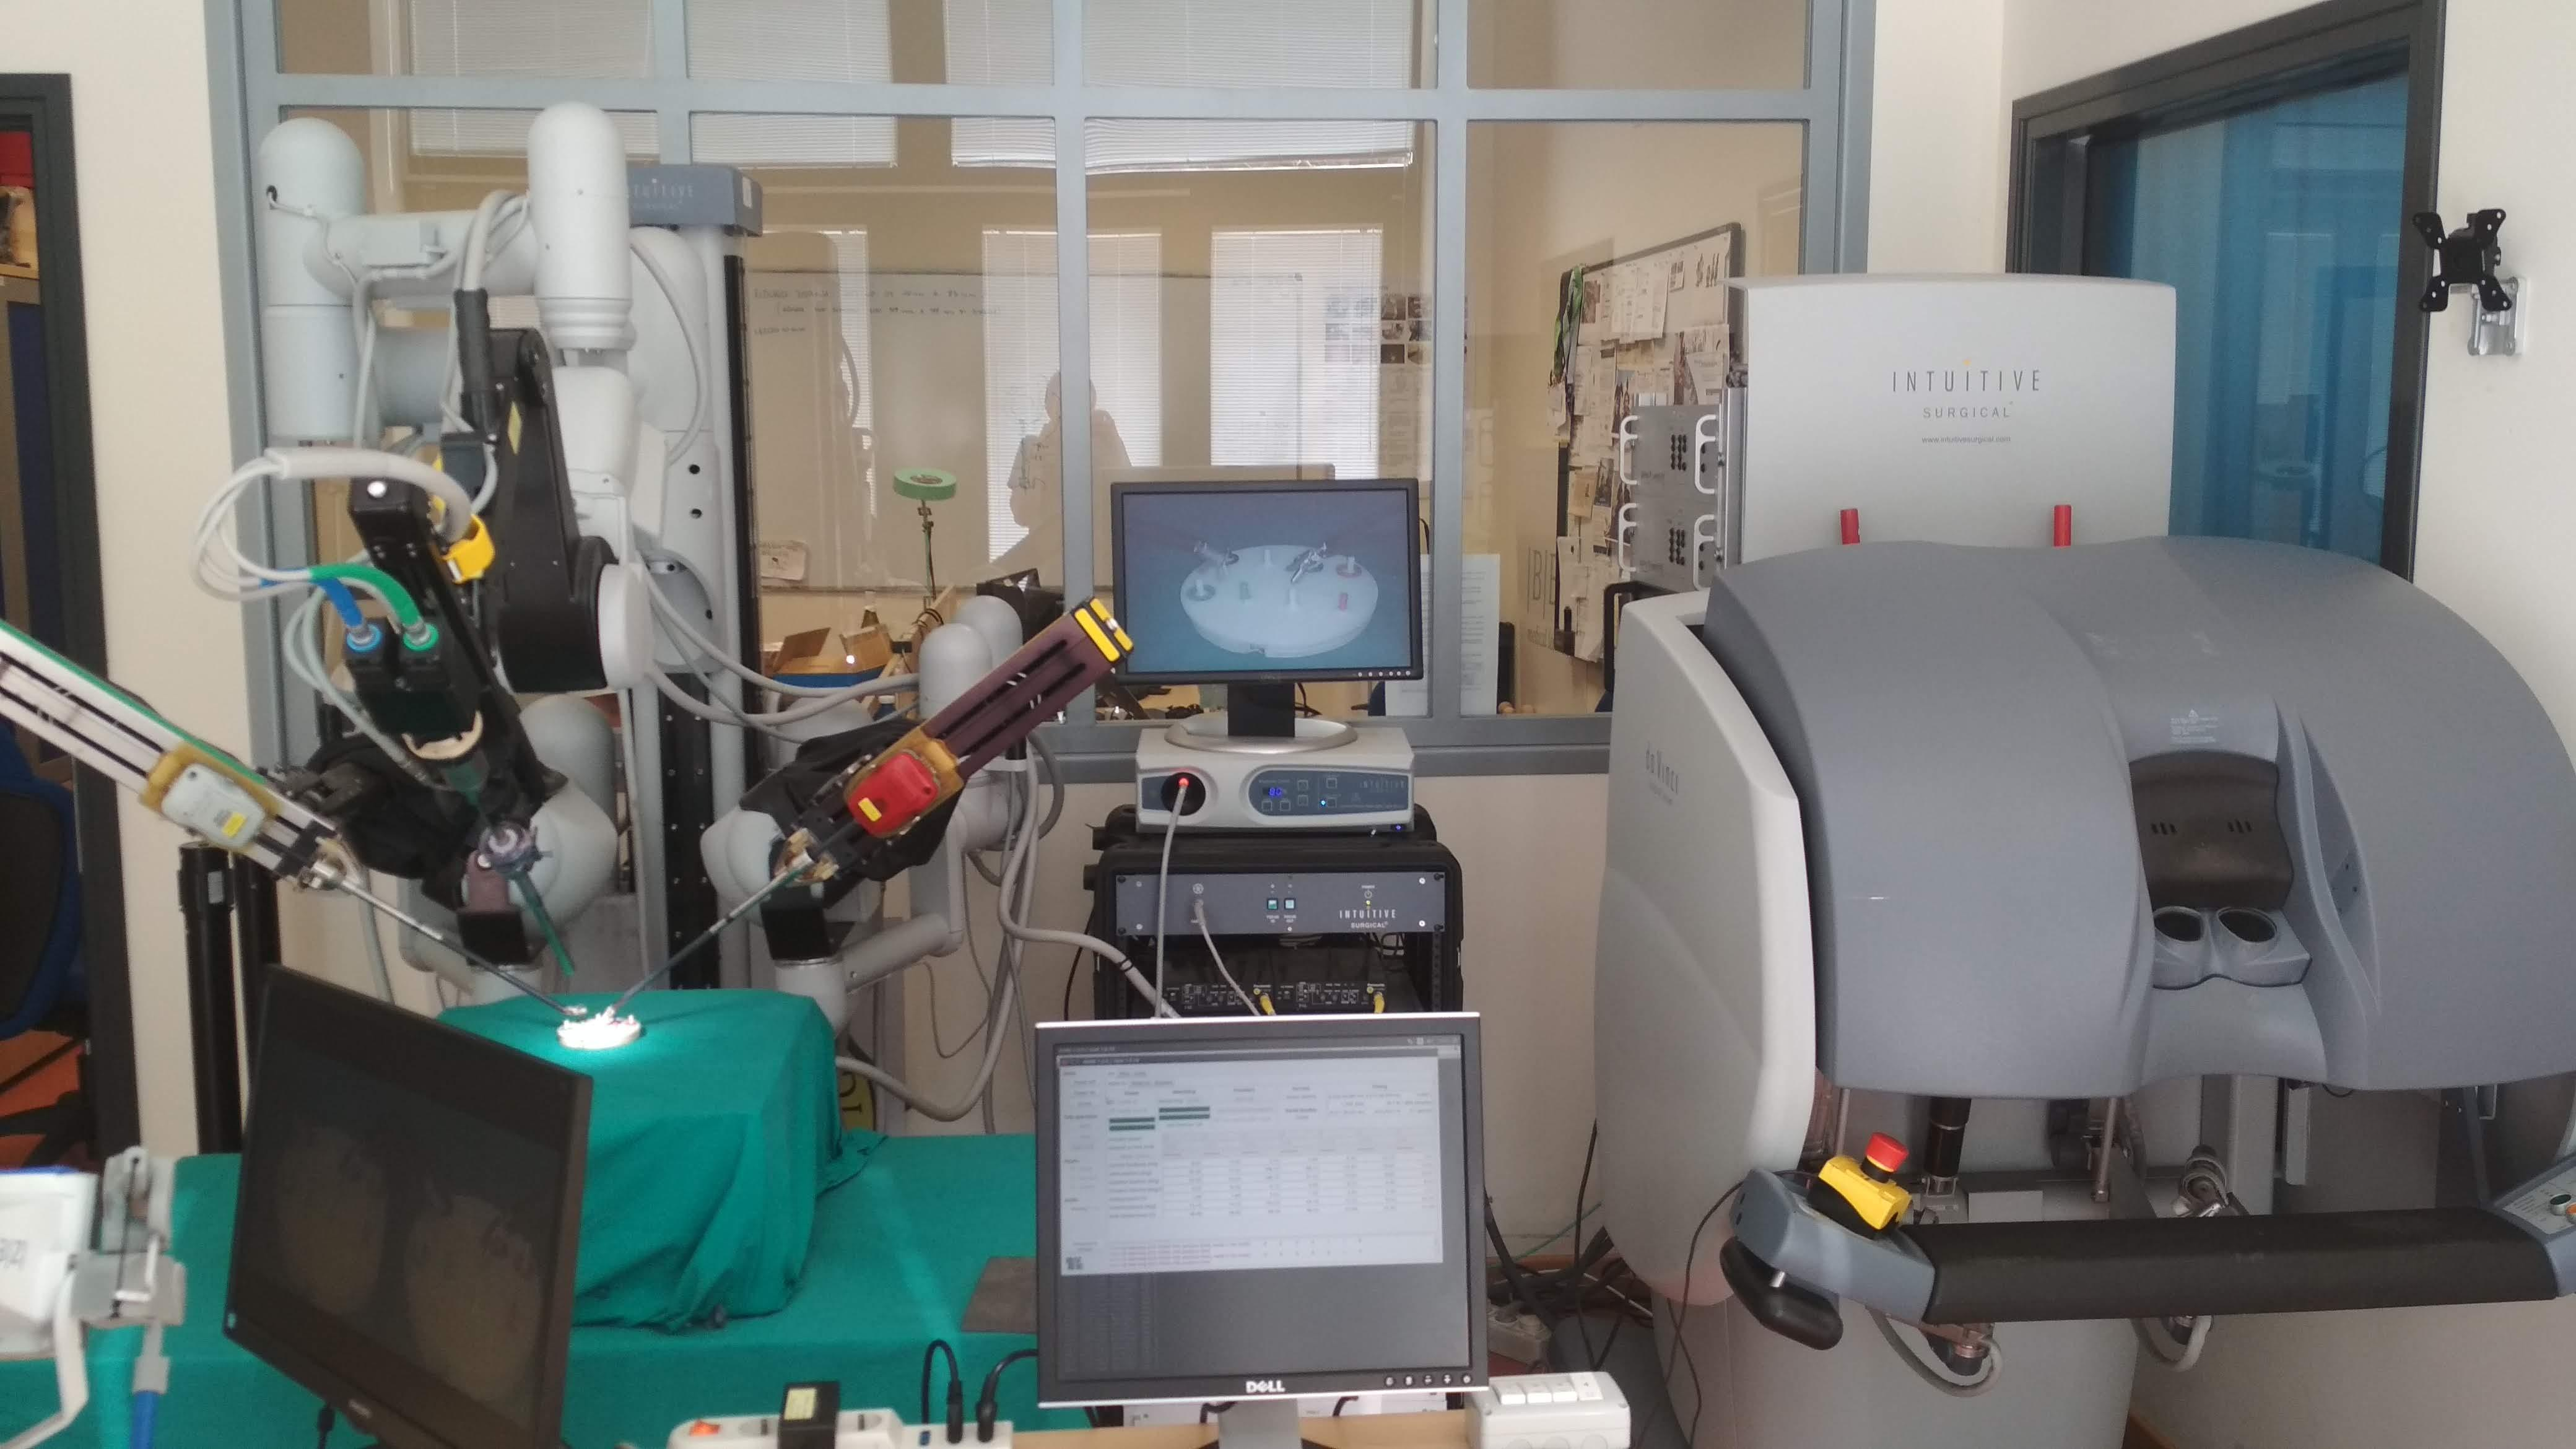 Robot autonomi in medicina? come, dove e perché